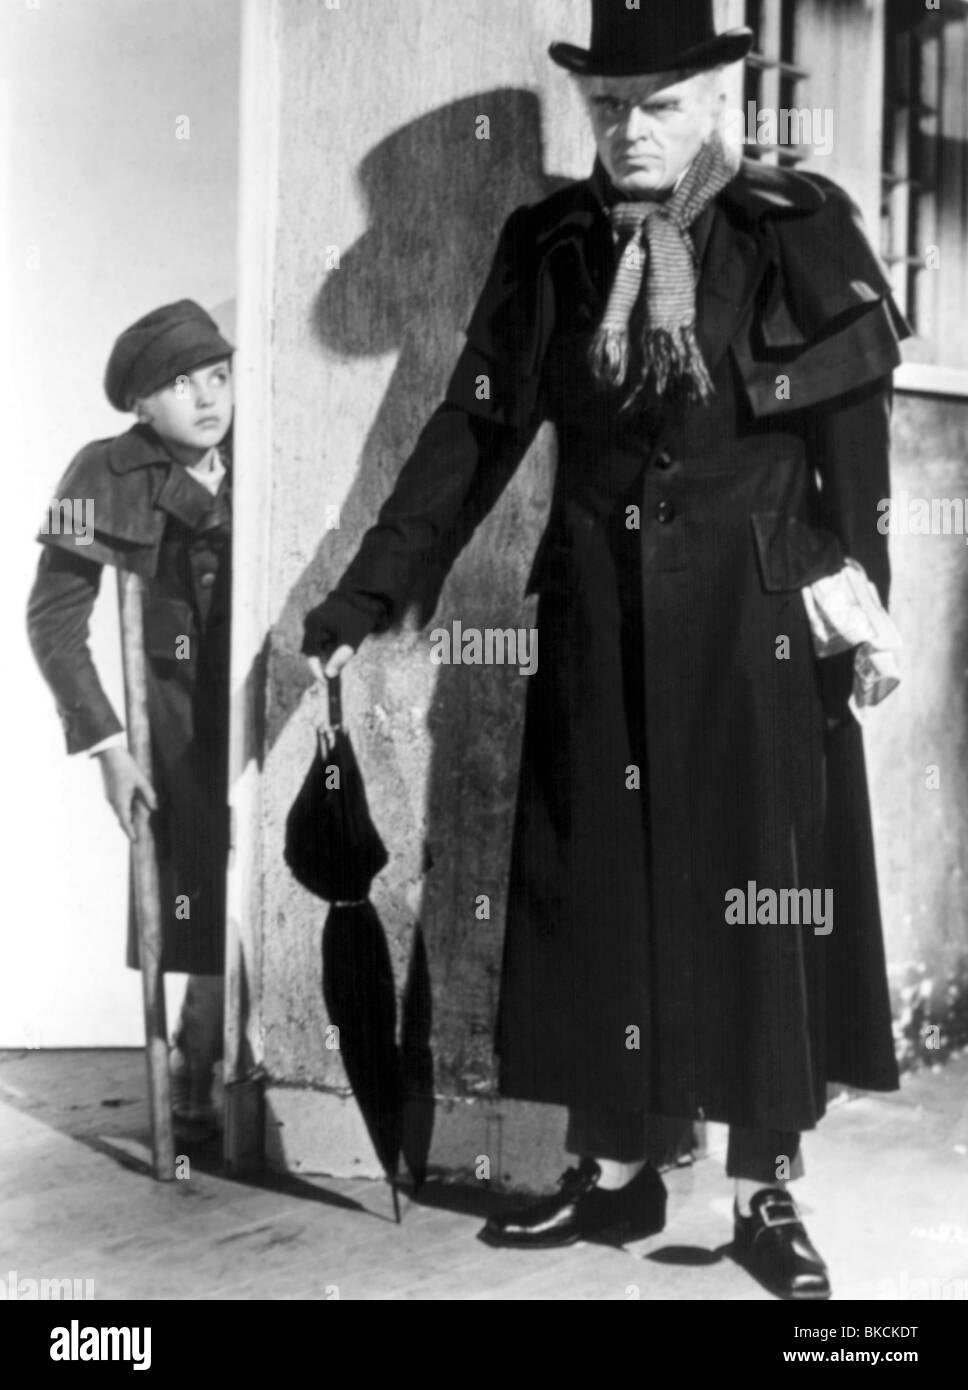 A CHRISTMAS CAROL (1938) TERRY KILBURN, REGINALD OWEN CHCR 012 ...